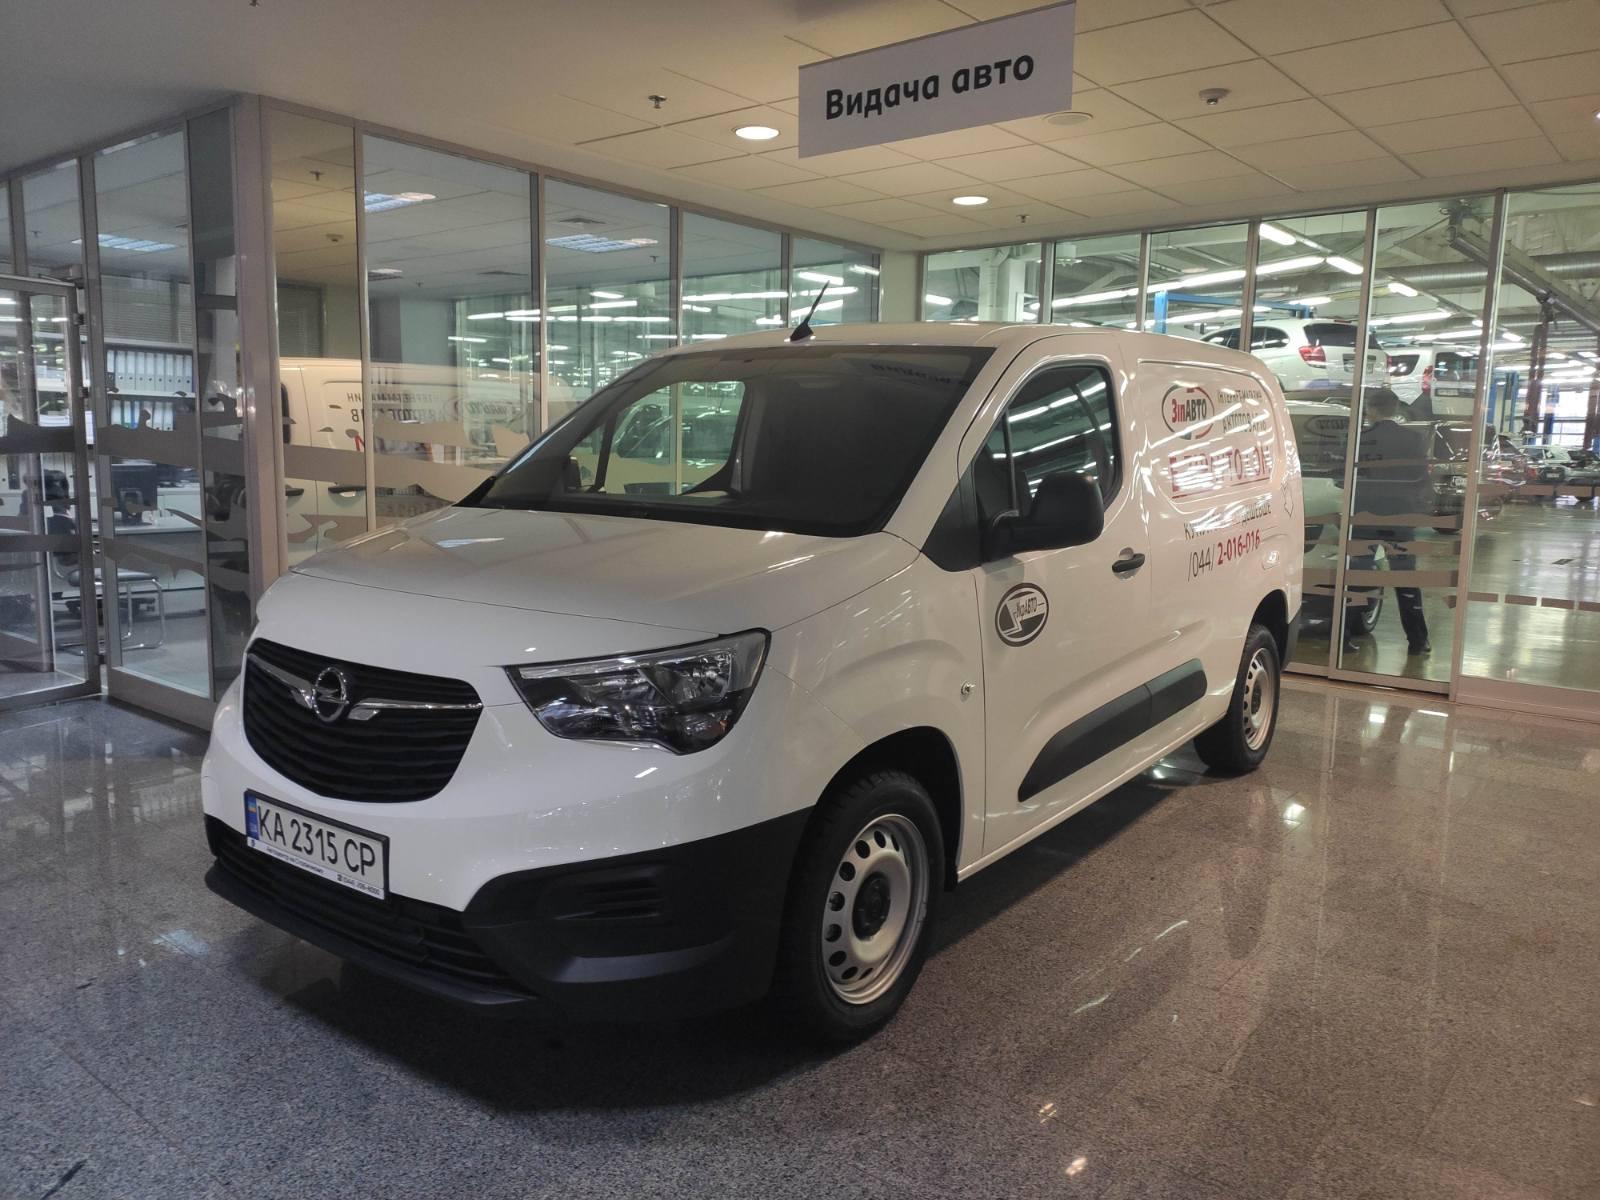 Коммерческие автомобили Opel находят новых корпоративных покупателей